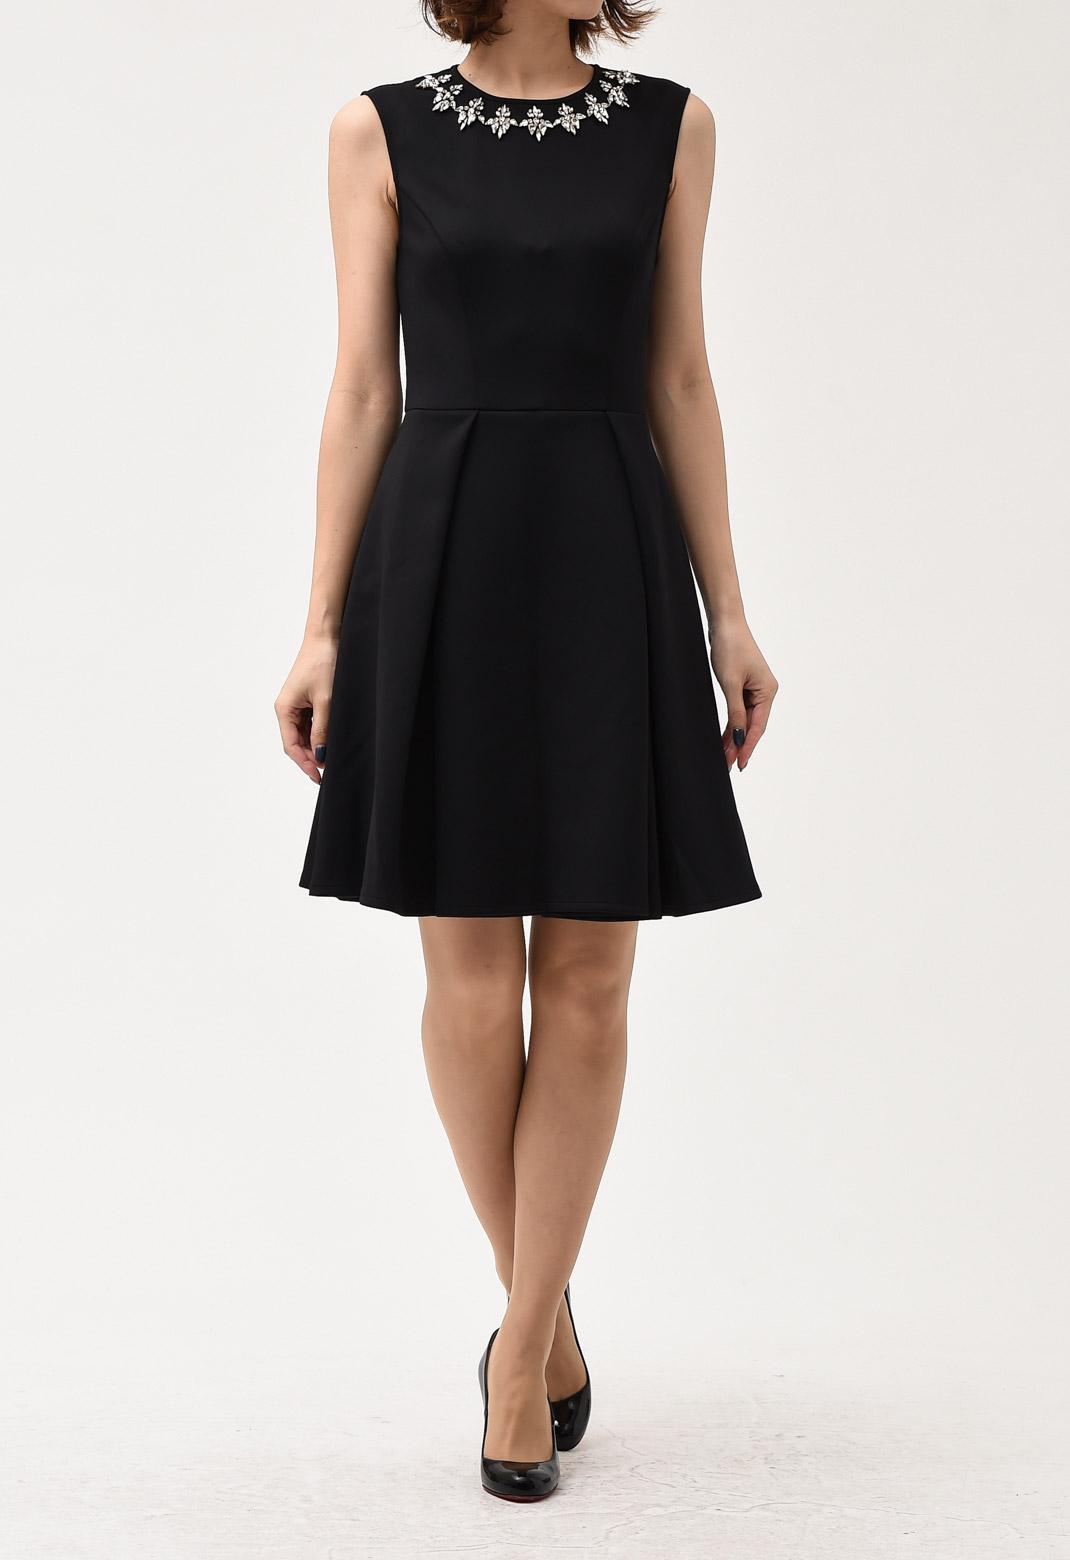 ビジュー飾り 半袖 ブラック ドレス